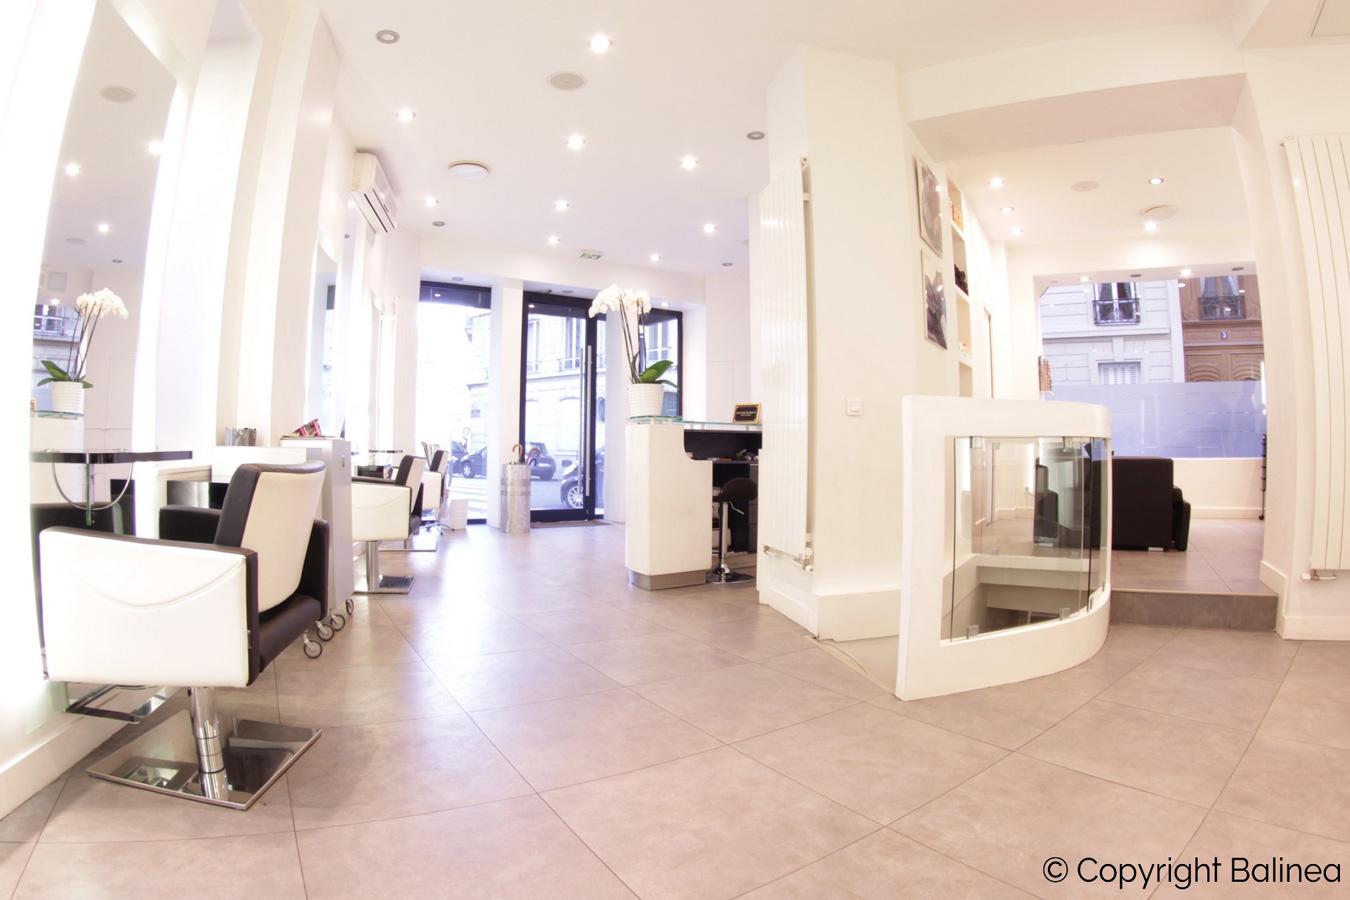 Salon Coiffeur Paris Roger Hamoui